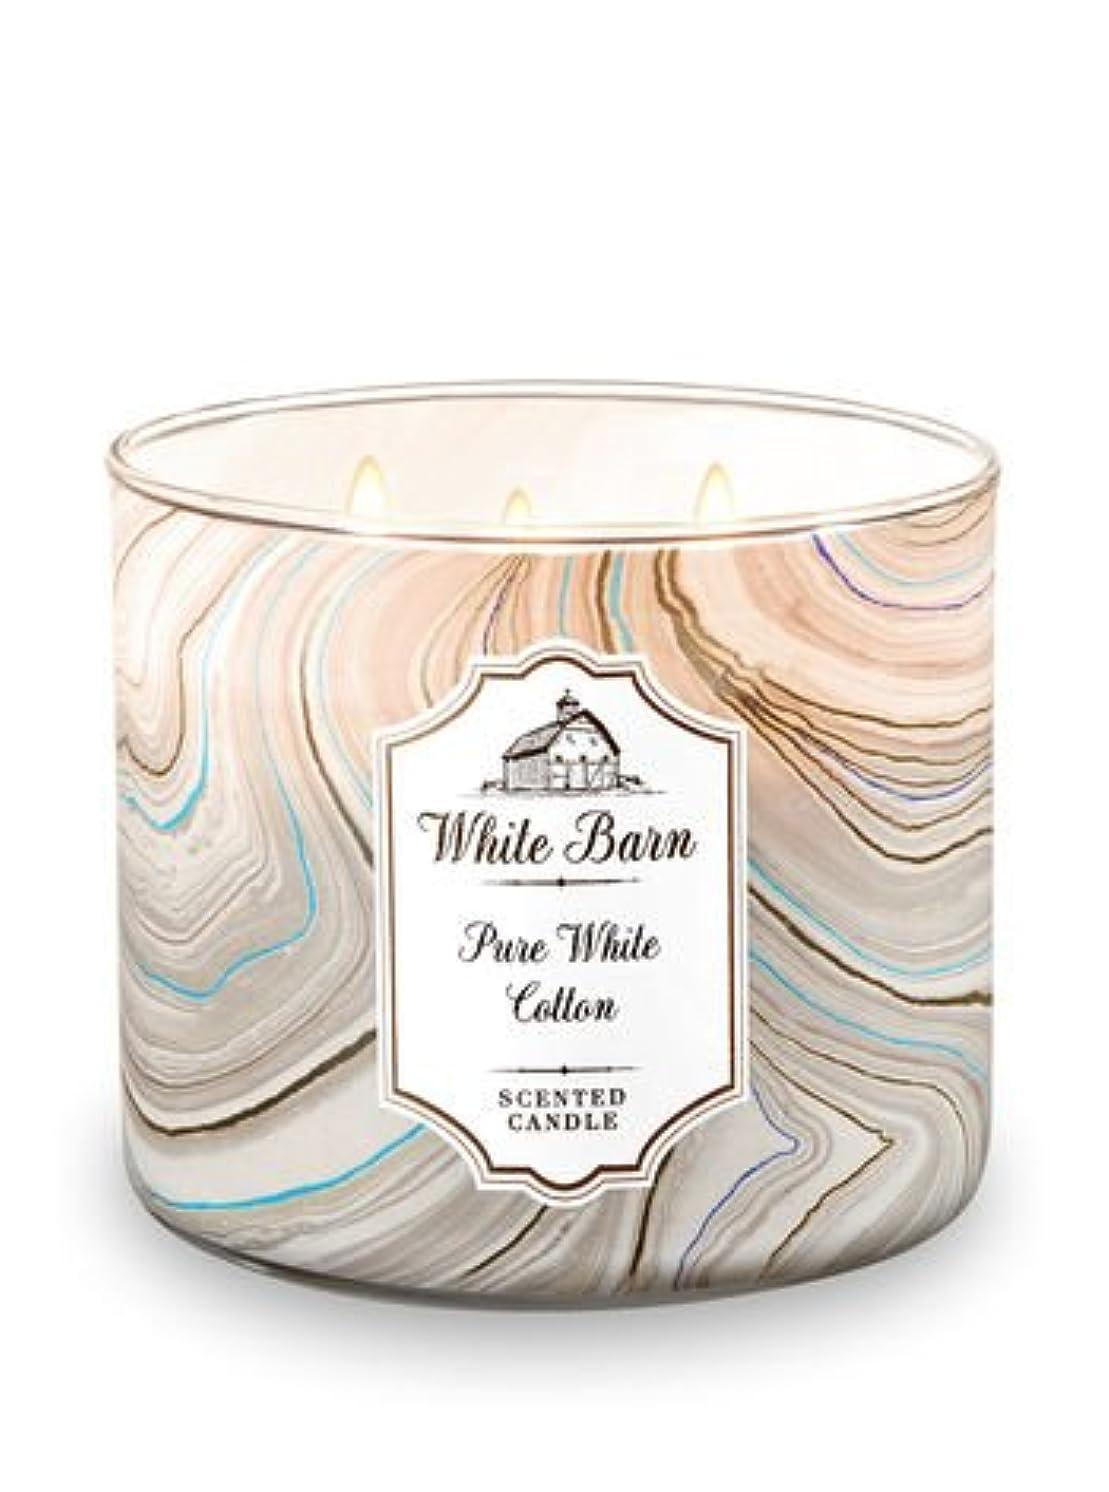 住居不透明なイースターBath and Body Worksホワイトバーン3 Wick Scented Candle Pureホワイトコットン14.5オンス